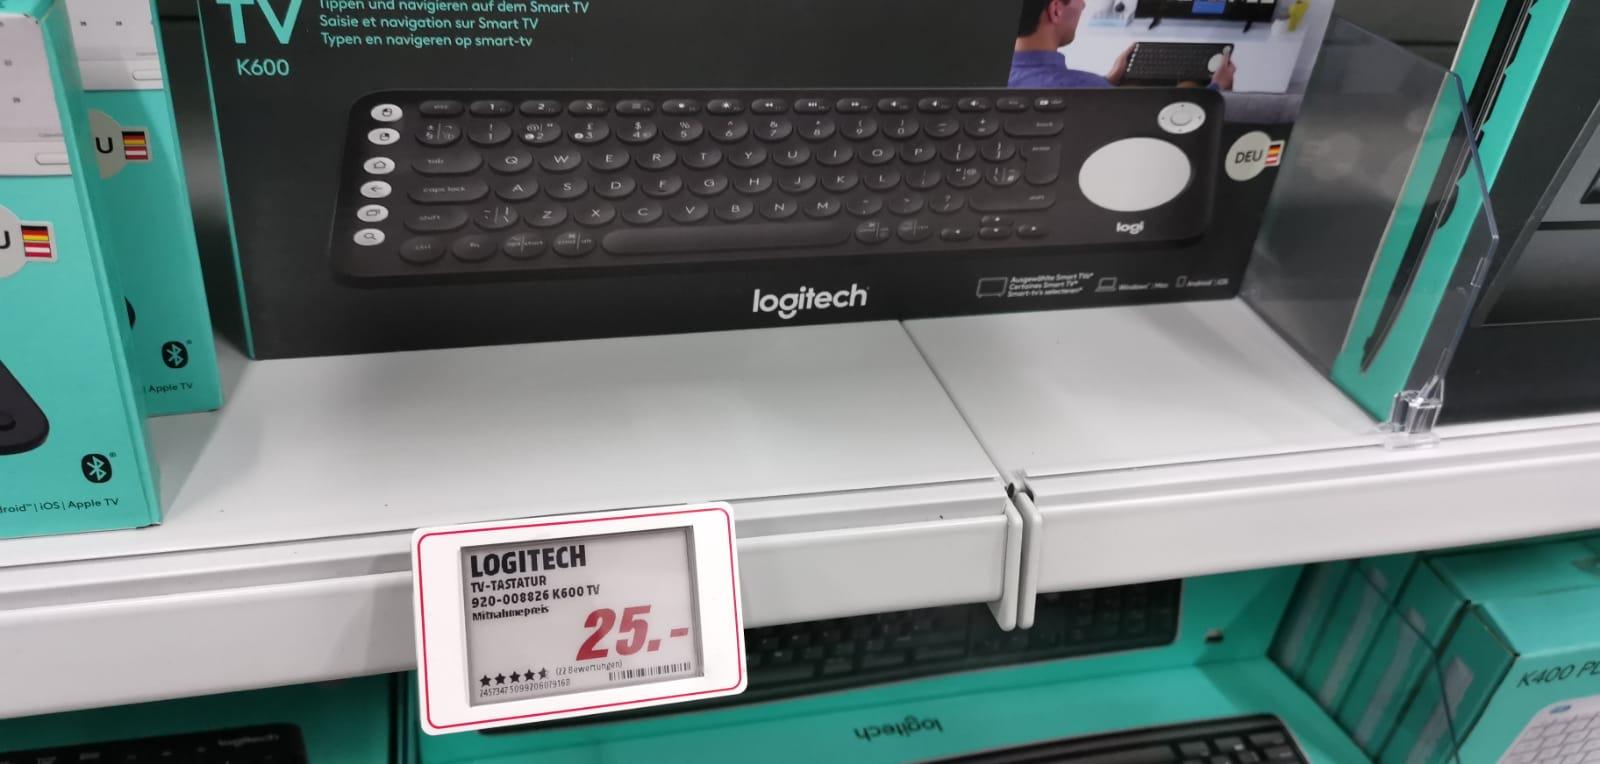 Logitech K600 für 25€ (im Media Markt Speyer Lokal )Smart TV-Tastatur mit integriertem Touchpad und D-Pad - Bluetooth und USB-GraphitLokal